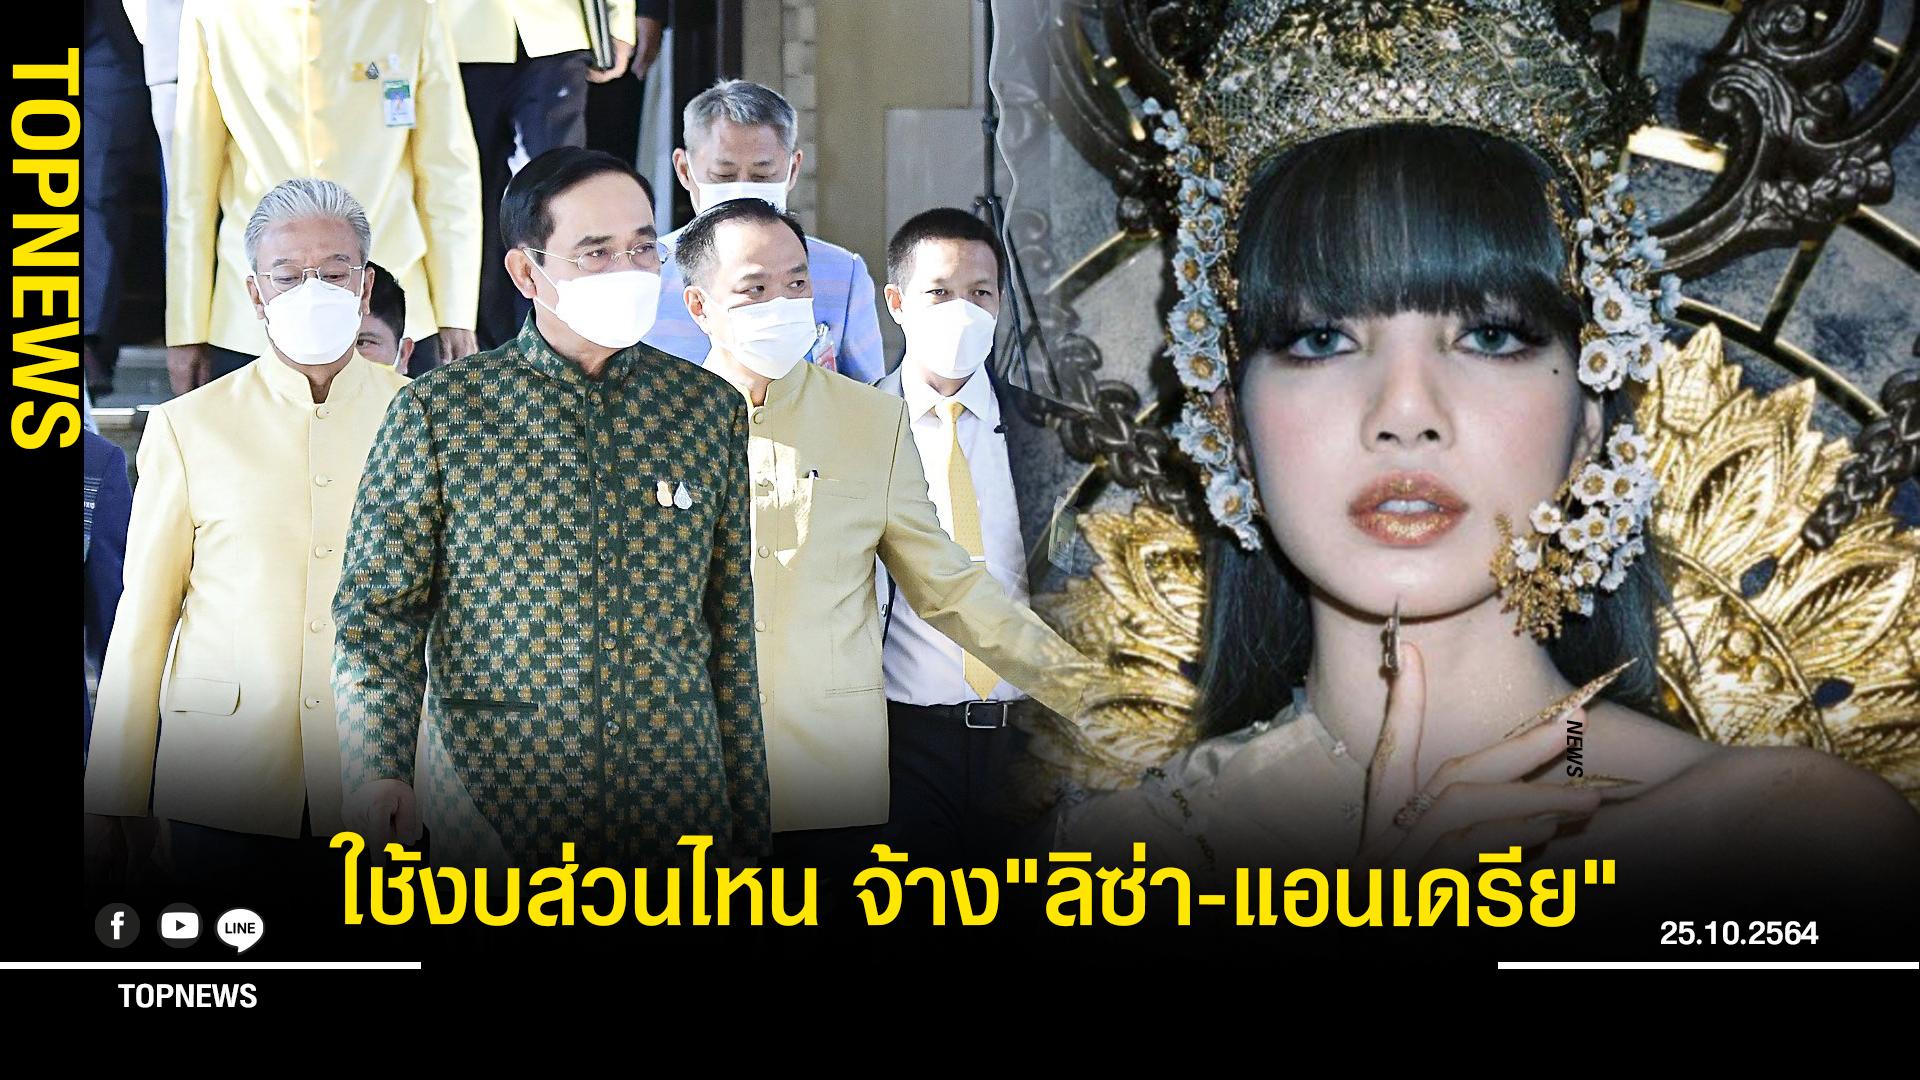 """""""บิ๊กตู่""""ชี้แจงแล้ว ใช้งบส่วนไหน จ้าง""""ลิซ่า-แอนเดรีย""""ชี้ หวังยกระดับท่องเที่ยวไทย"""